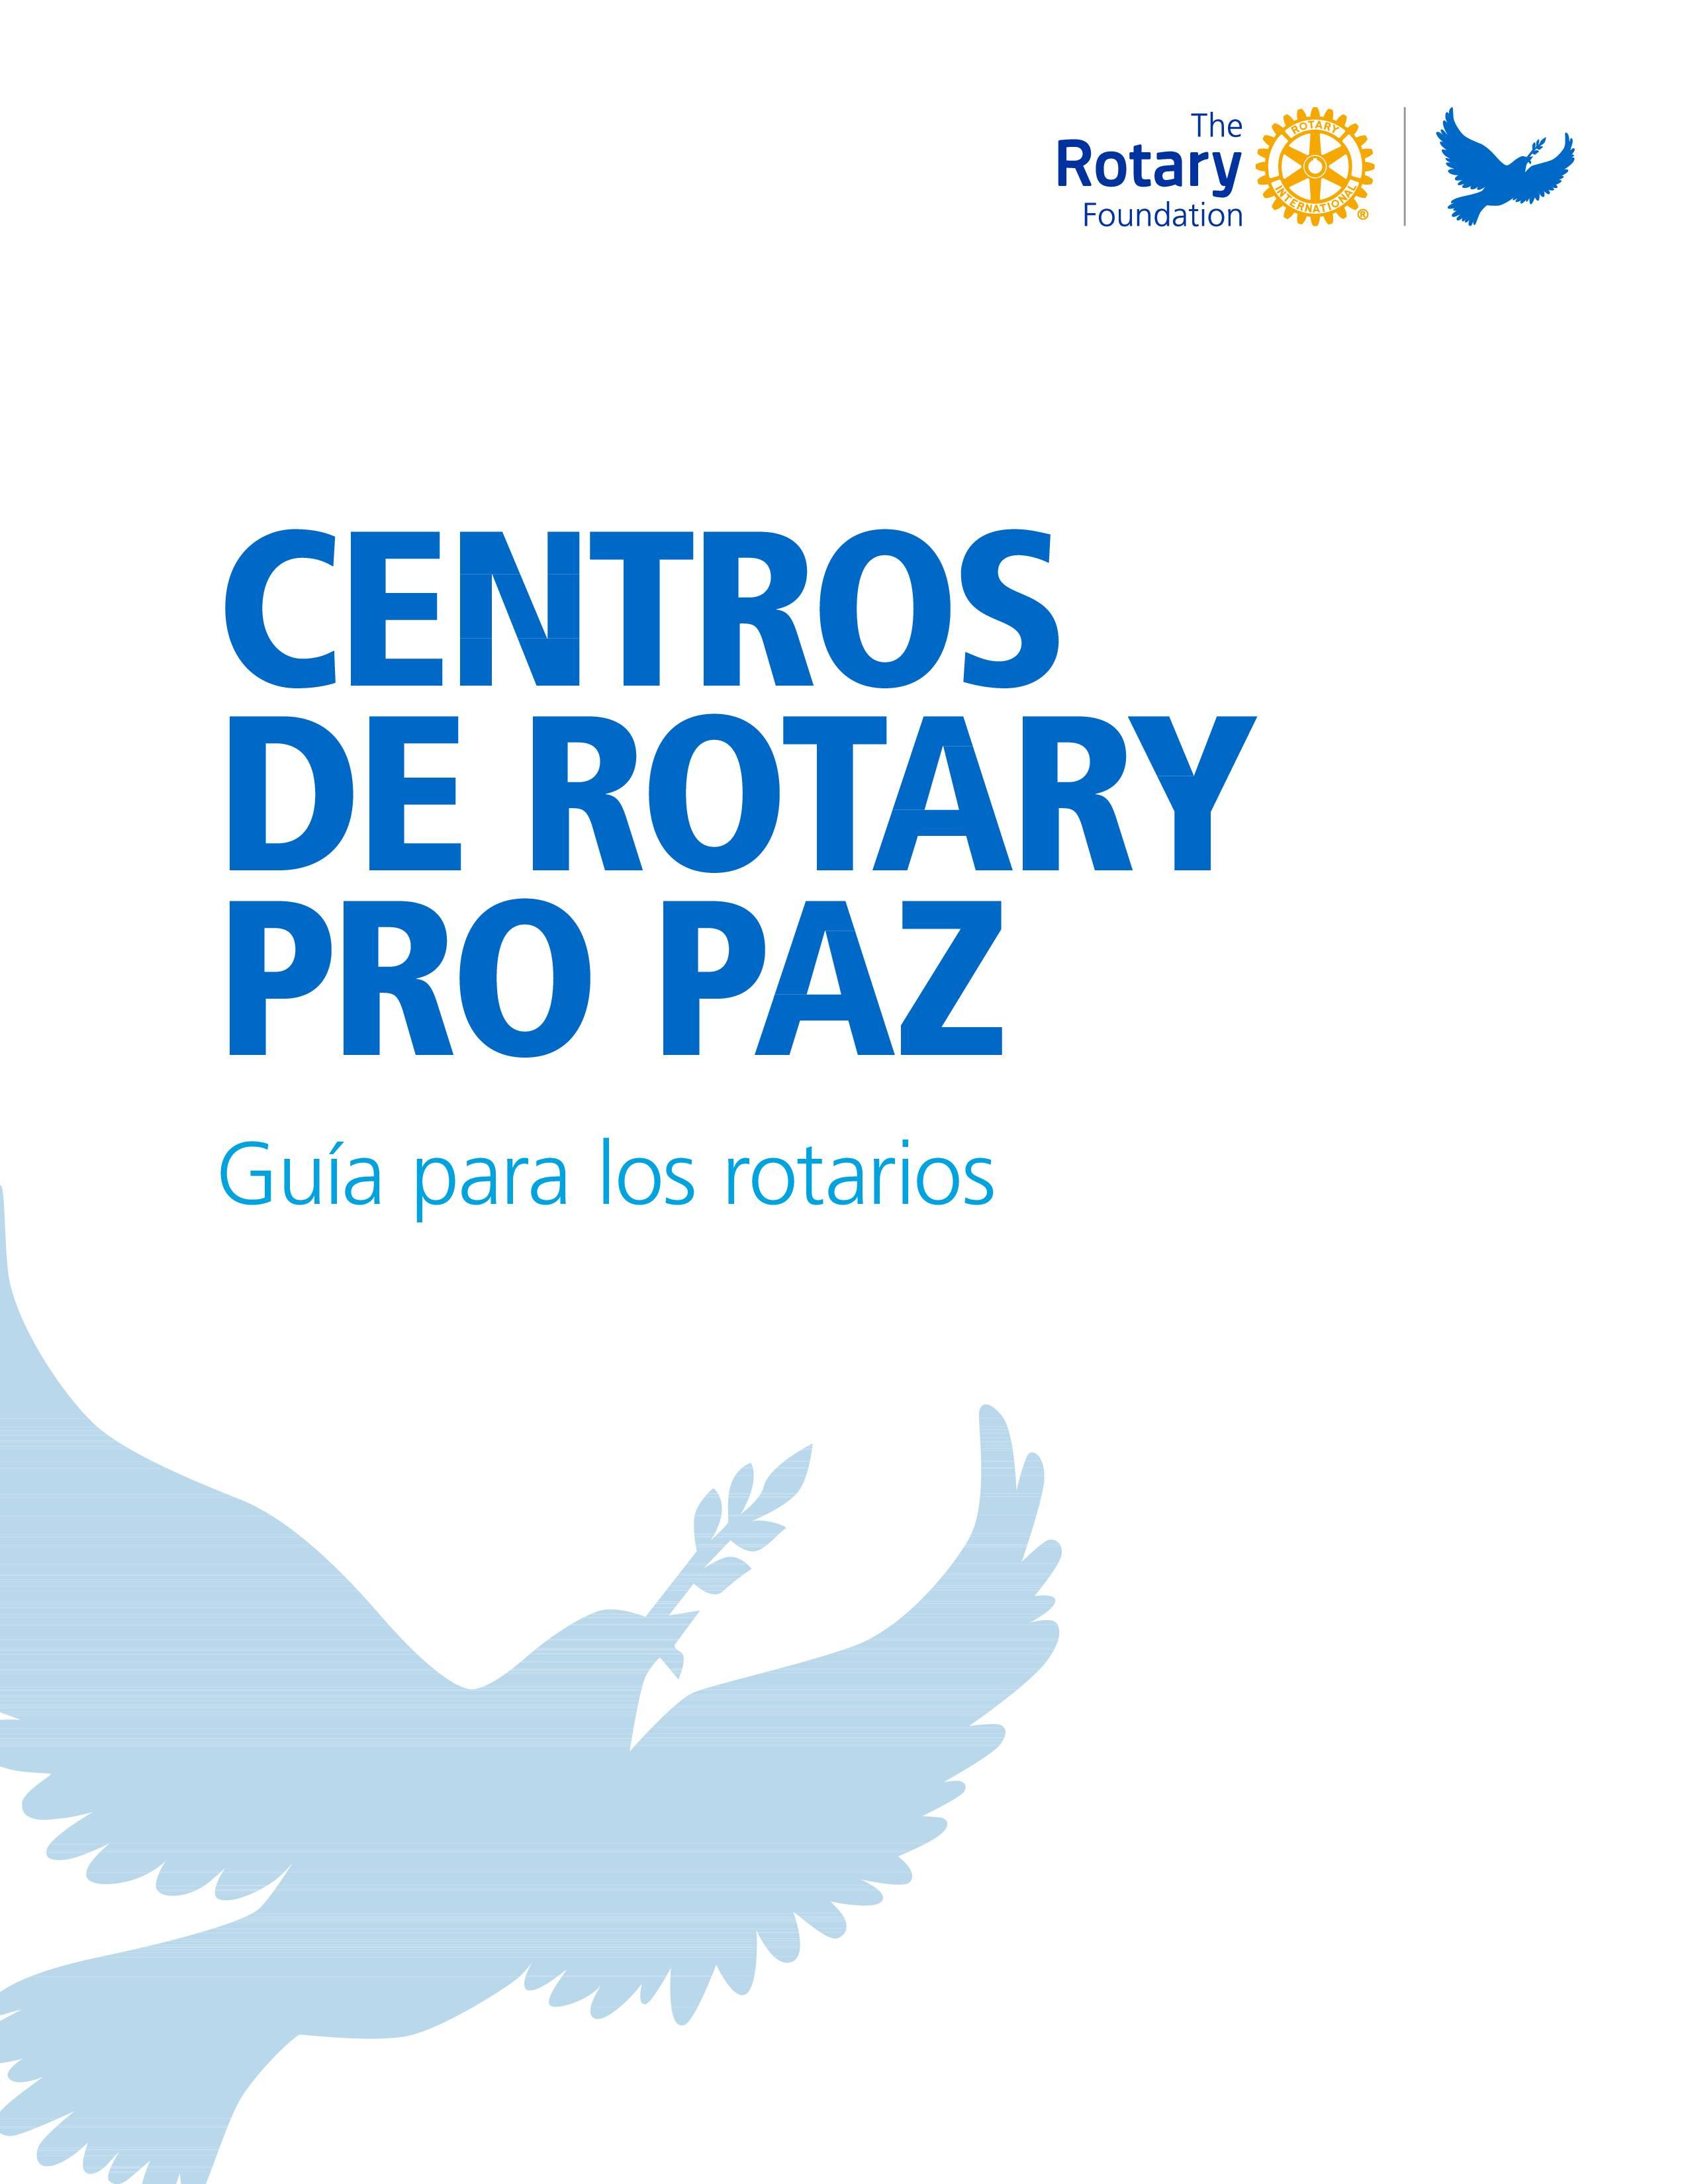 2-Centros de Rotary pro Paz Guía para los Rotarios-1